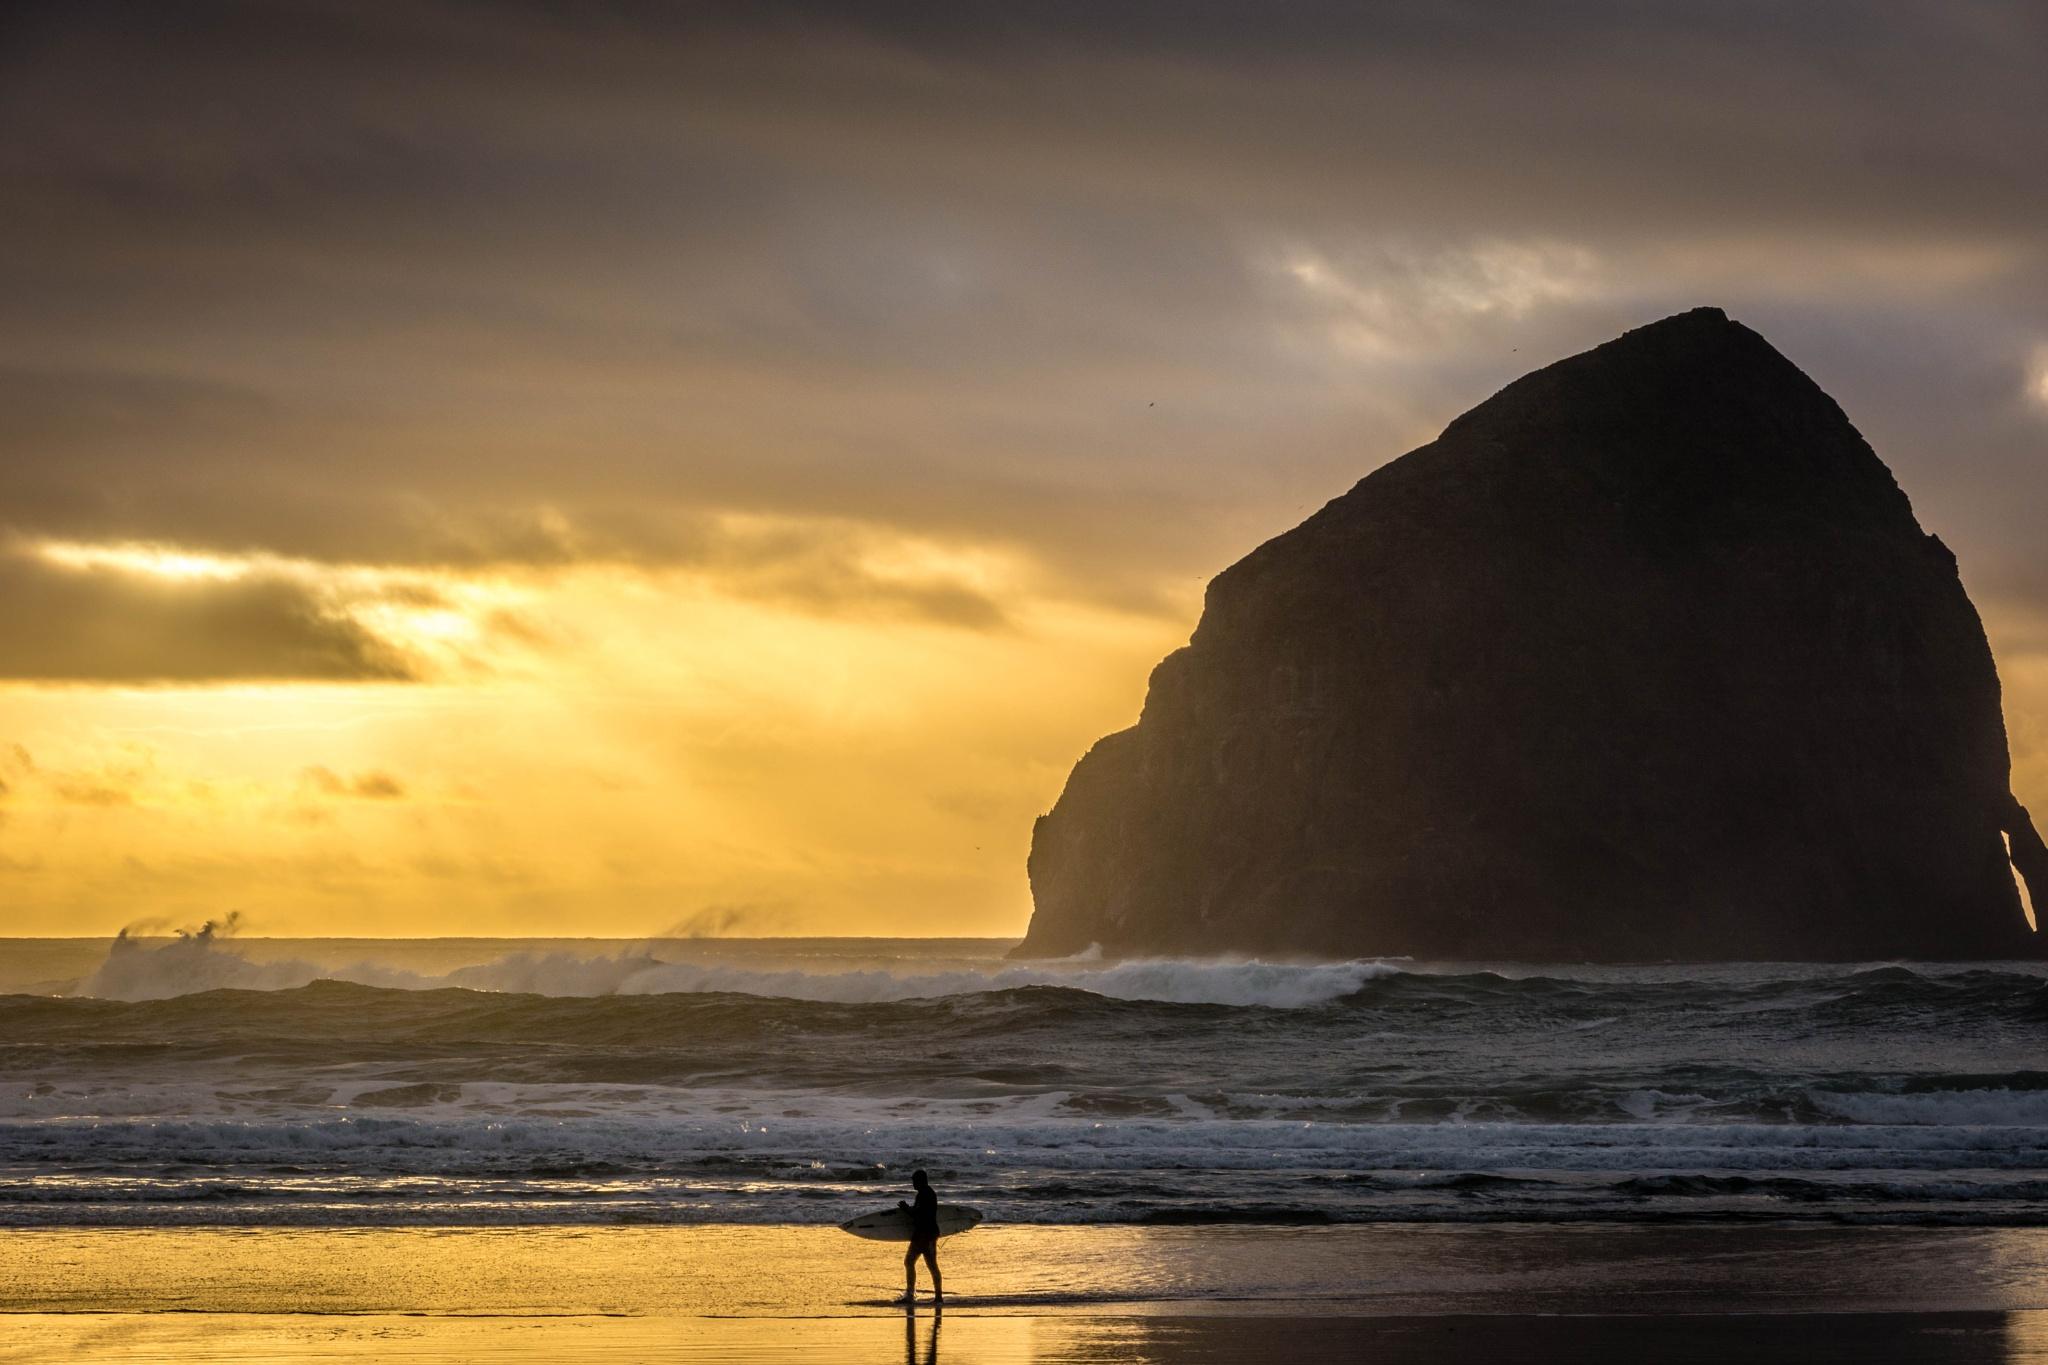 Pacific Surfer by Gillianne Fields